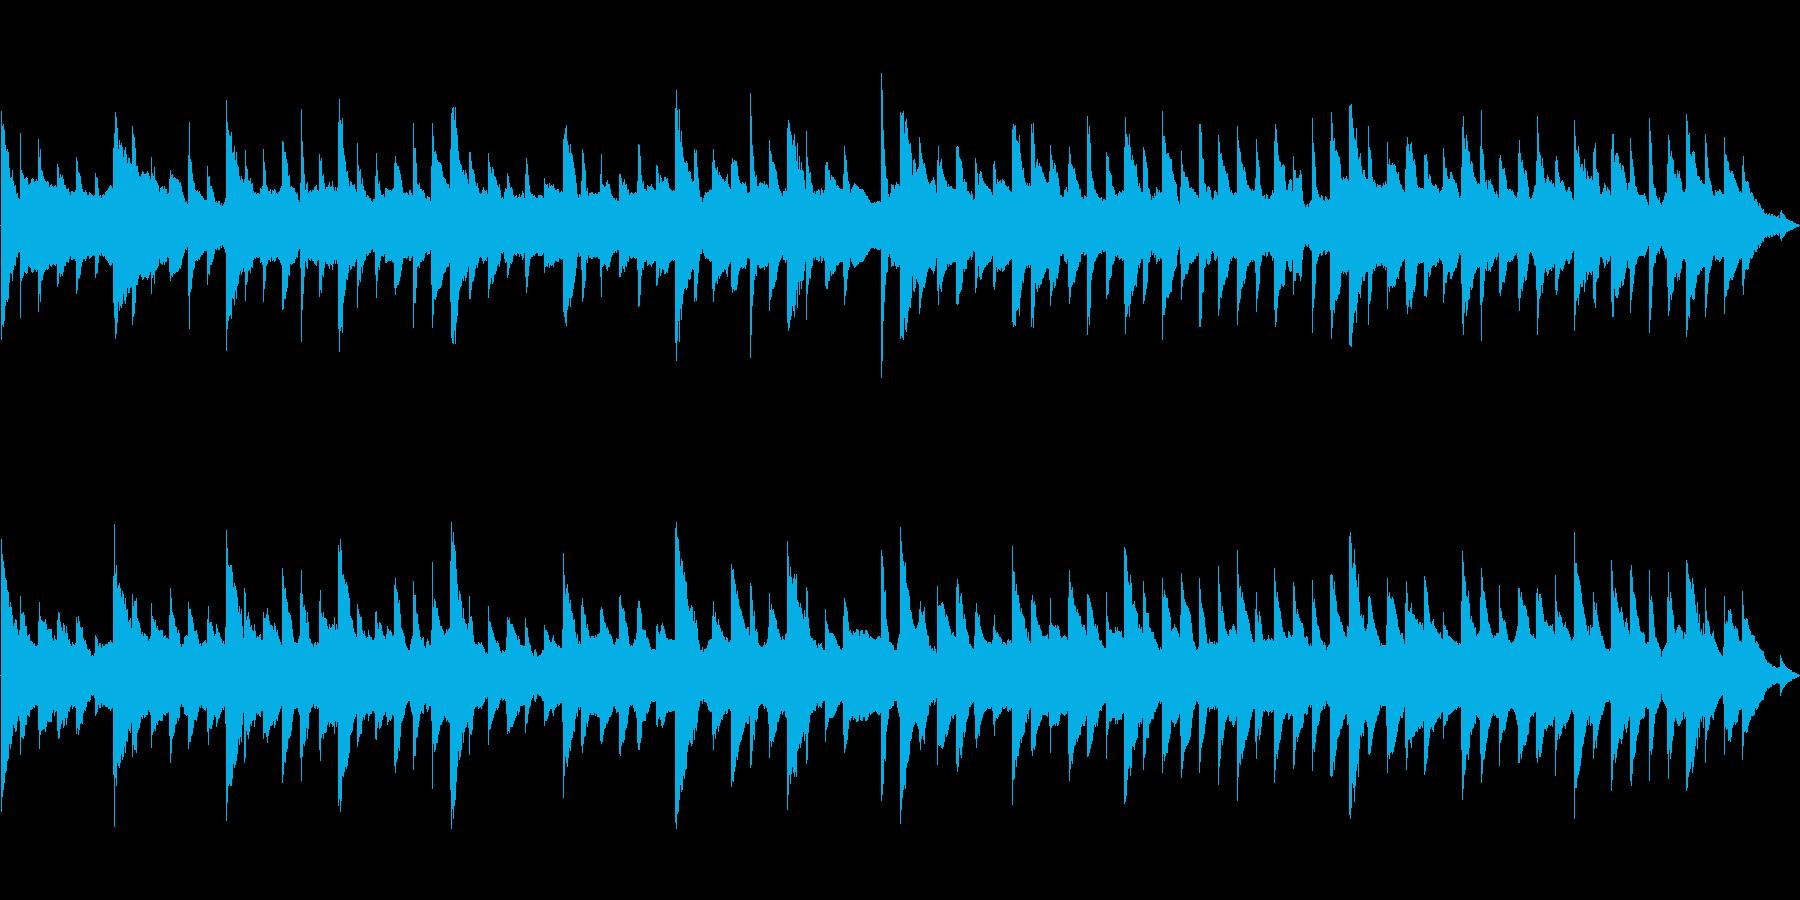 クリスマス系のキラキラした曲 ループ化の再生済みの波形